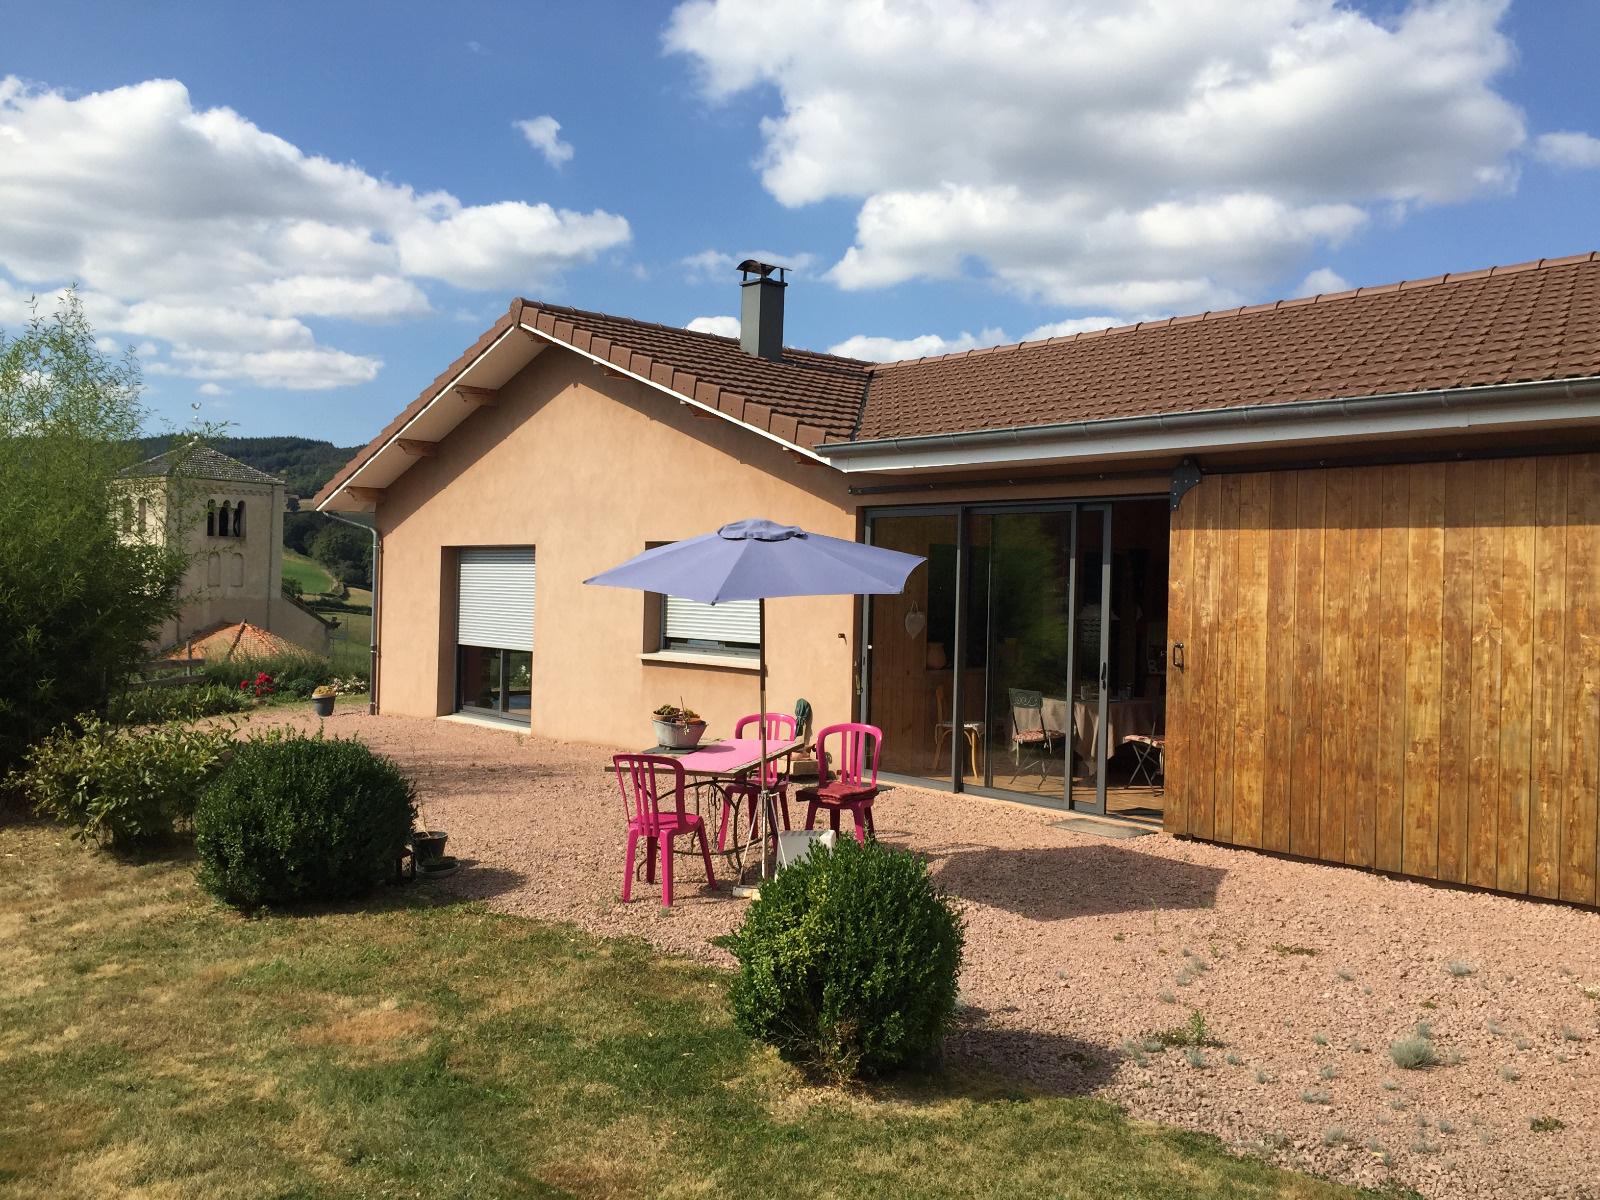 Vente villa de 2010 secteur haut beaujolais for Acheter maison beaujolais